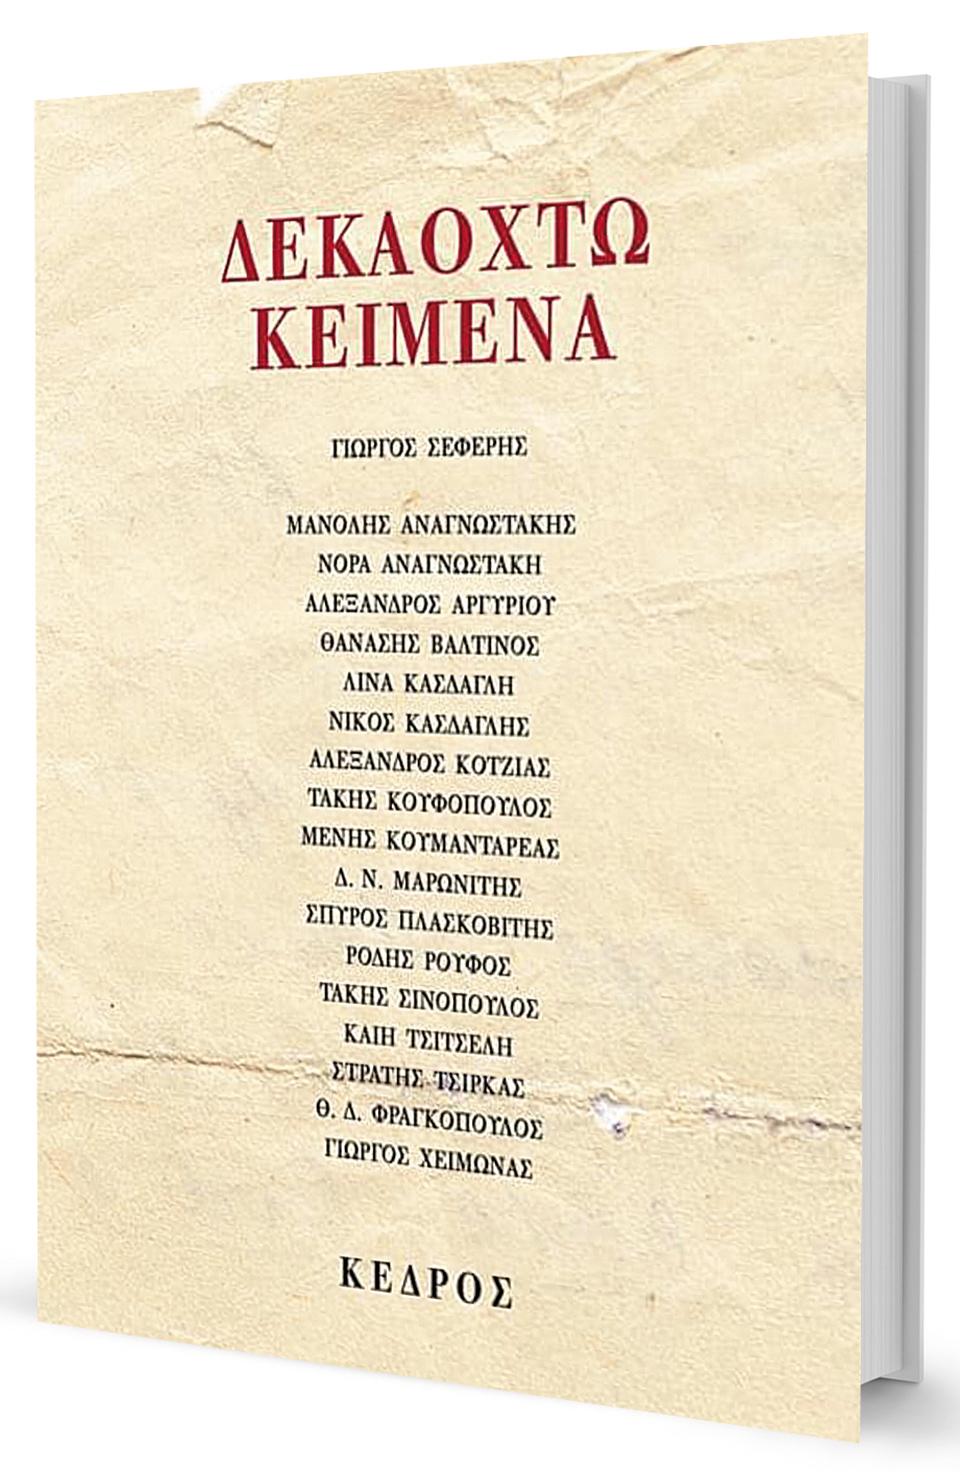 thanasis-valtinos-koytamara-na-leme-simera-oti-zoyme-se-choynta1